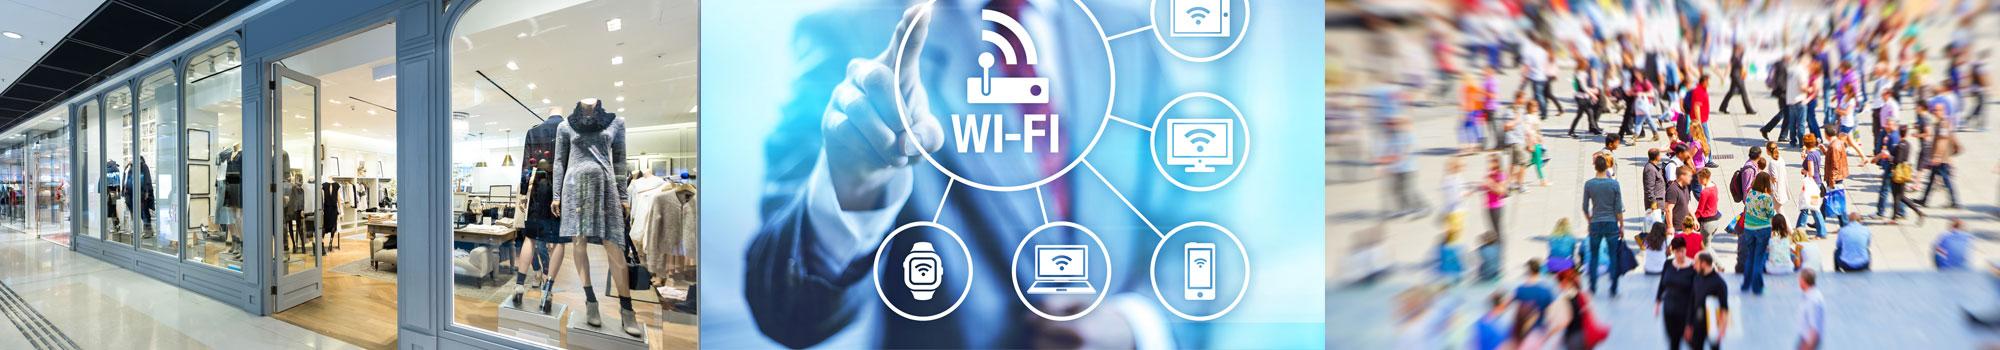 wifi-slider-1